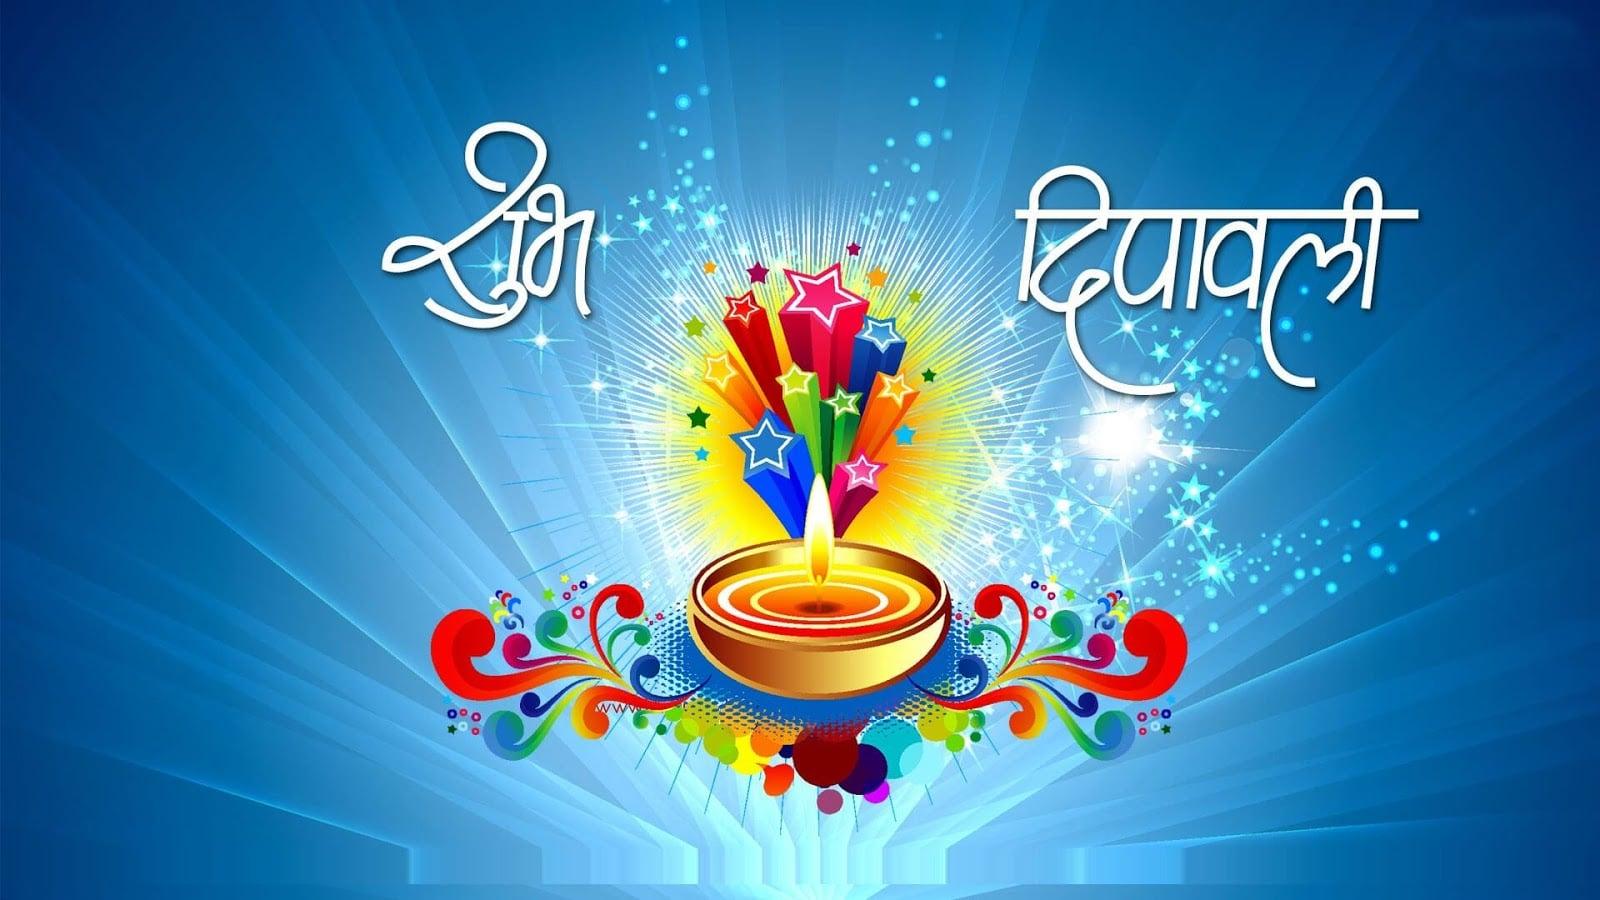 Happy Deepawali Pictures